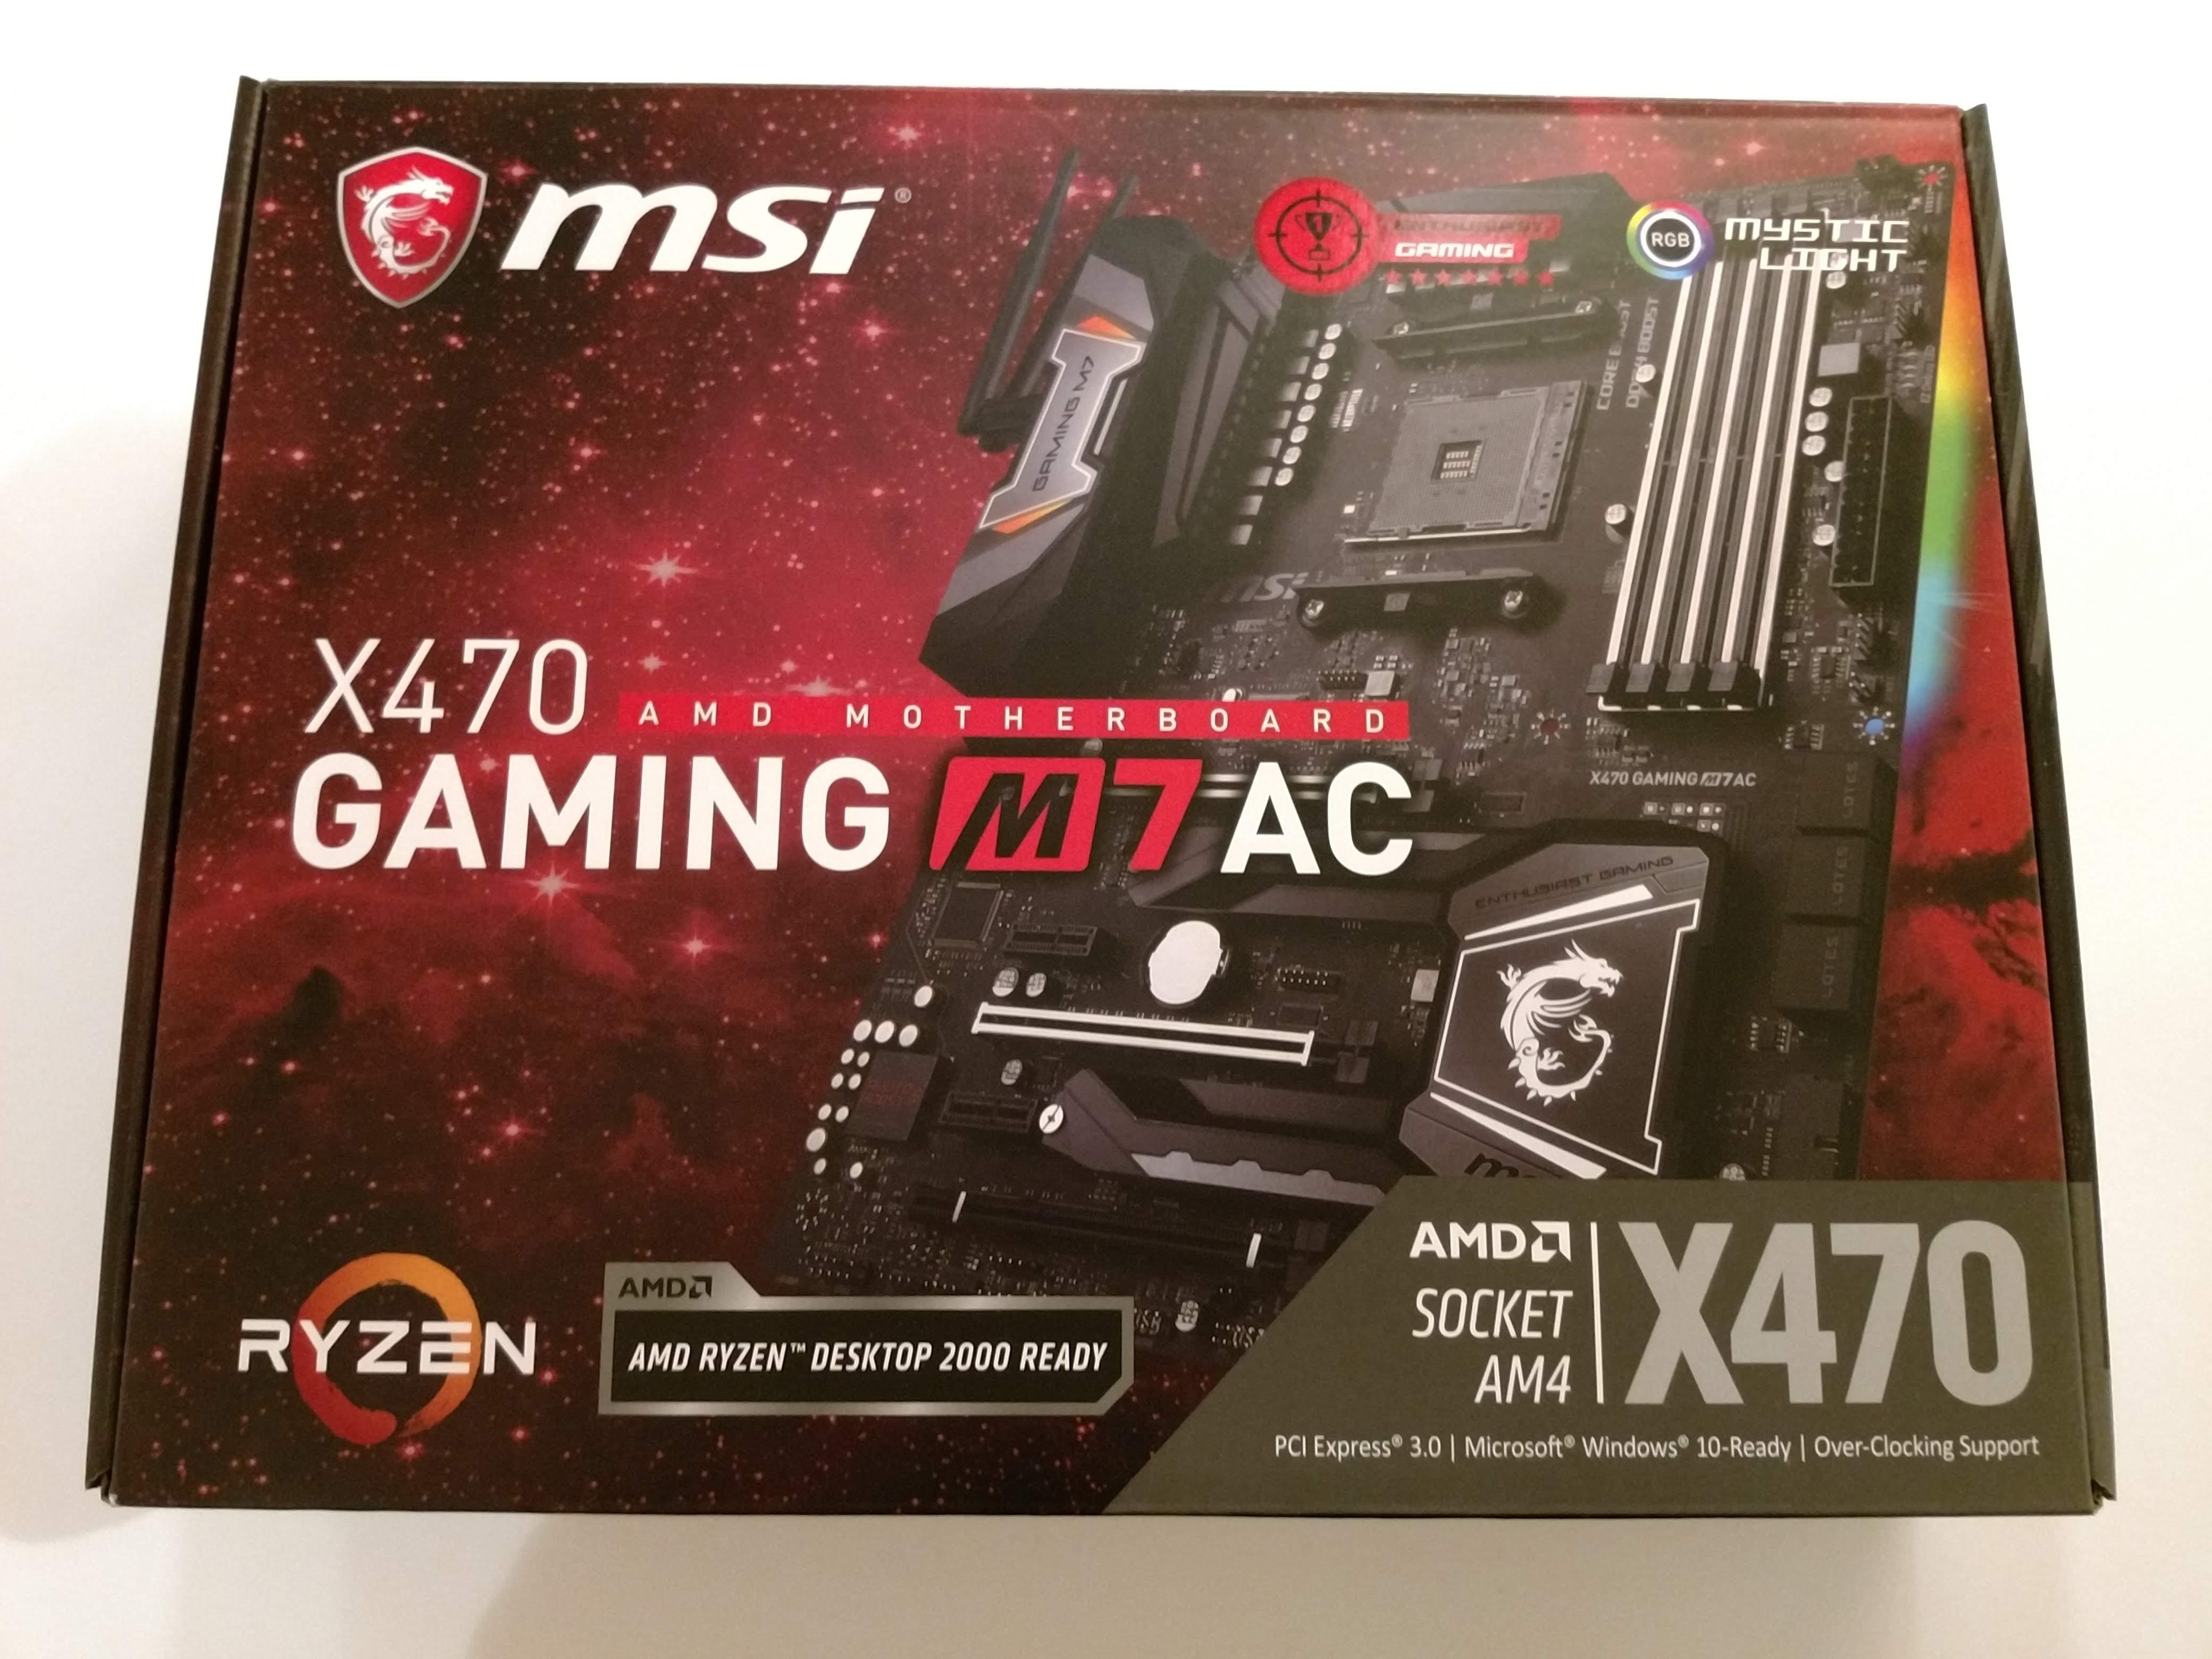 Klicken Sie auf die Grafik für eine größere Ansicht  Name:2. MSI X470 Gaming M7 AC Verpackung Vorderseite.jpg Hits:34 Größe:1,05 MB ID:1000574